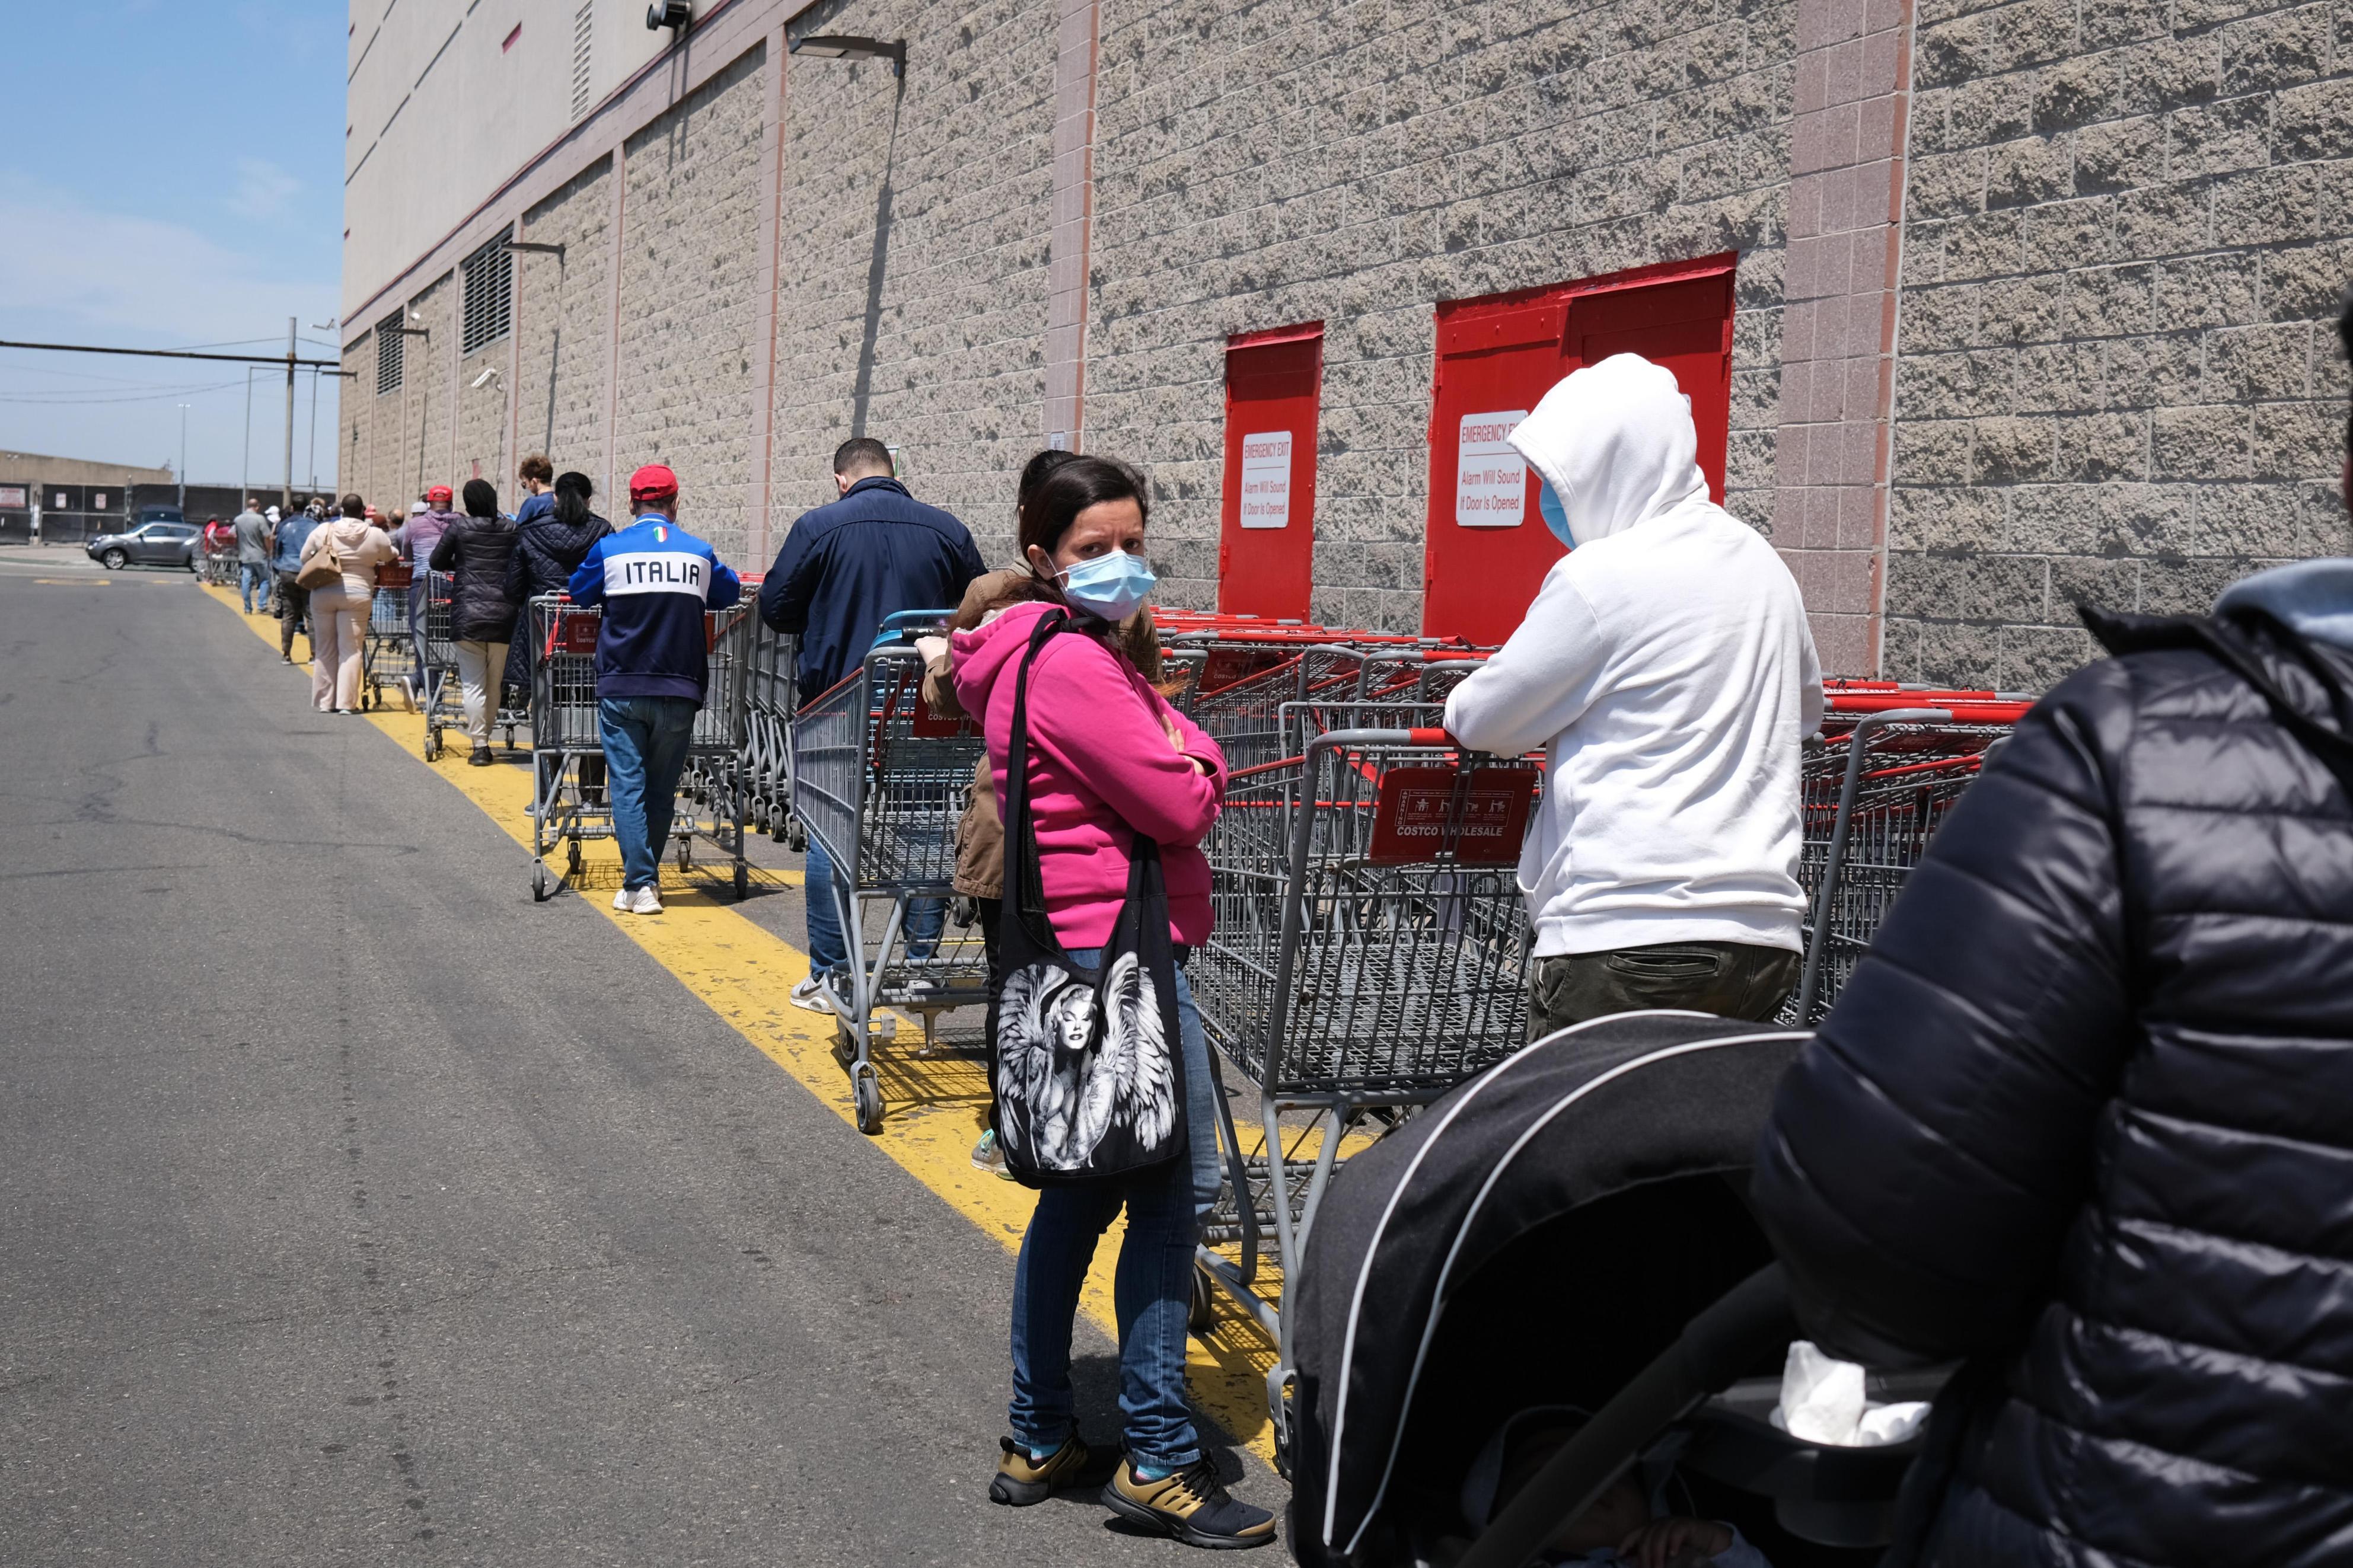 コストコの外で一列になって待つ人々=14日、ニューヨーク(ゲッティ=共同)